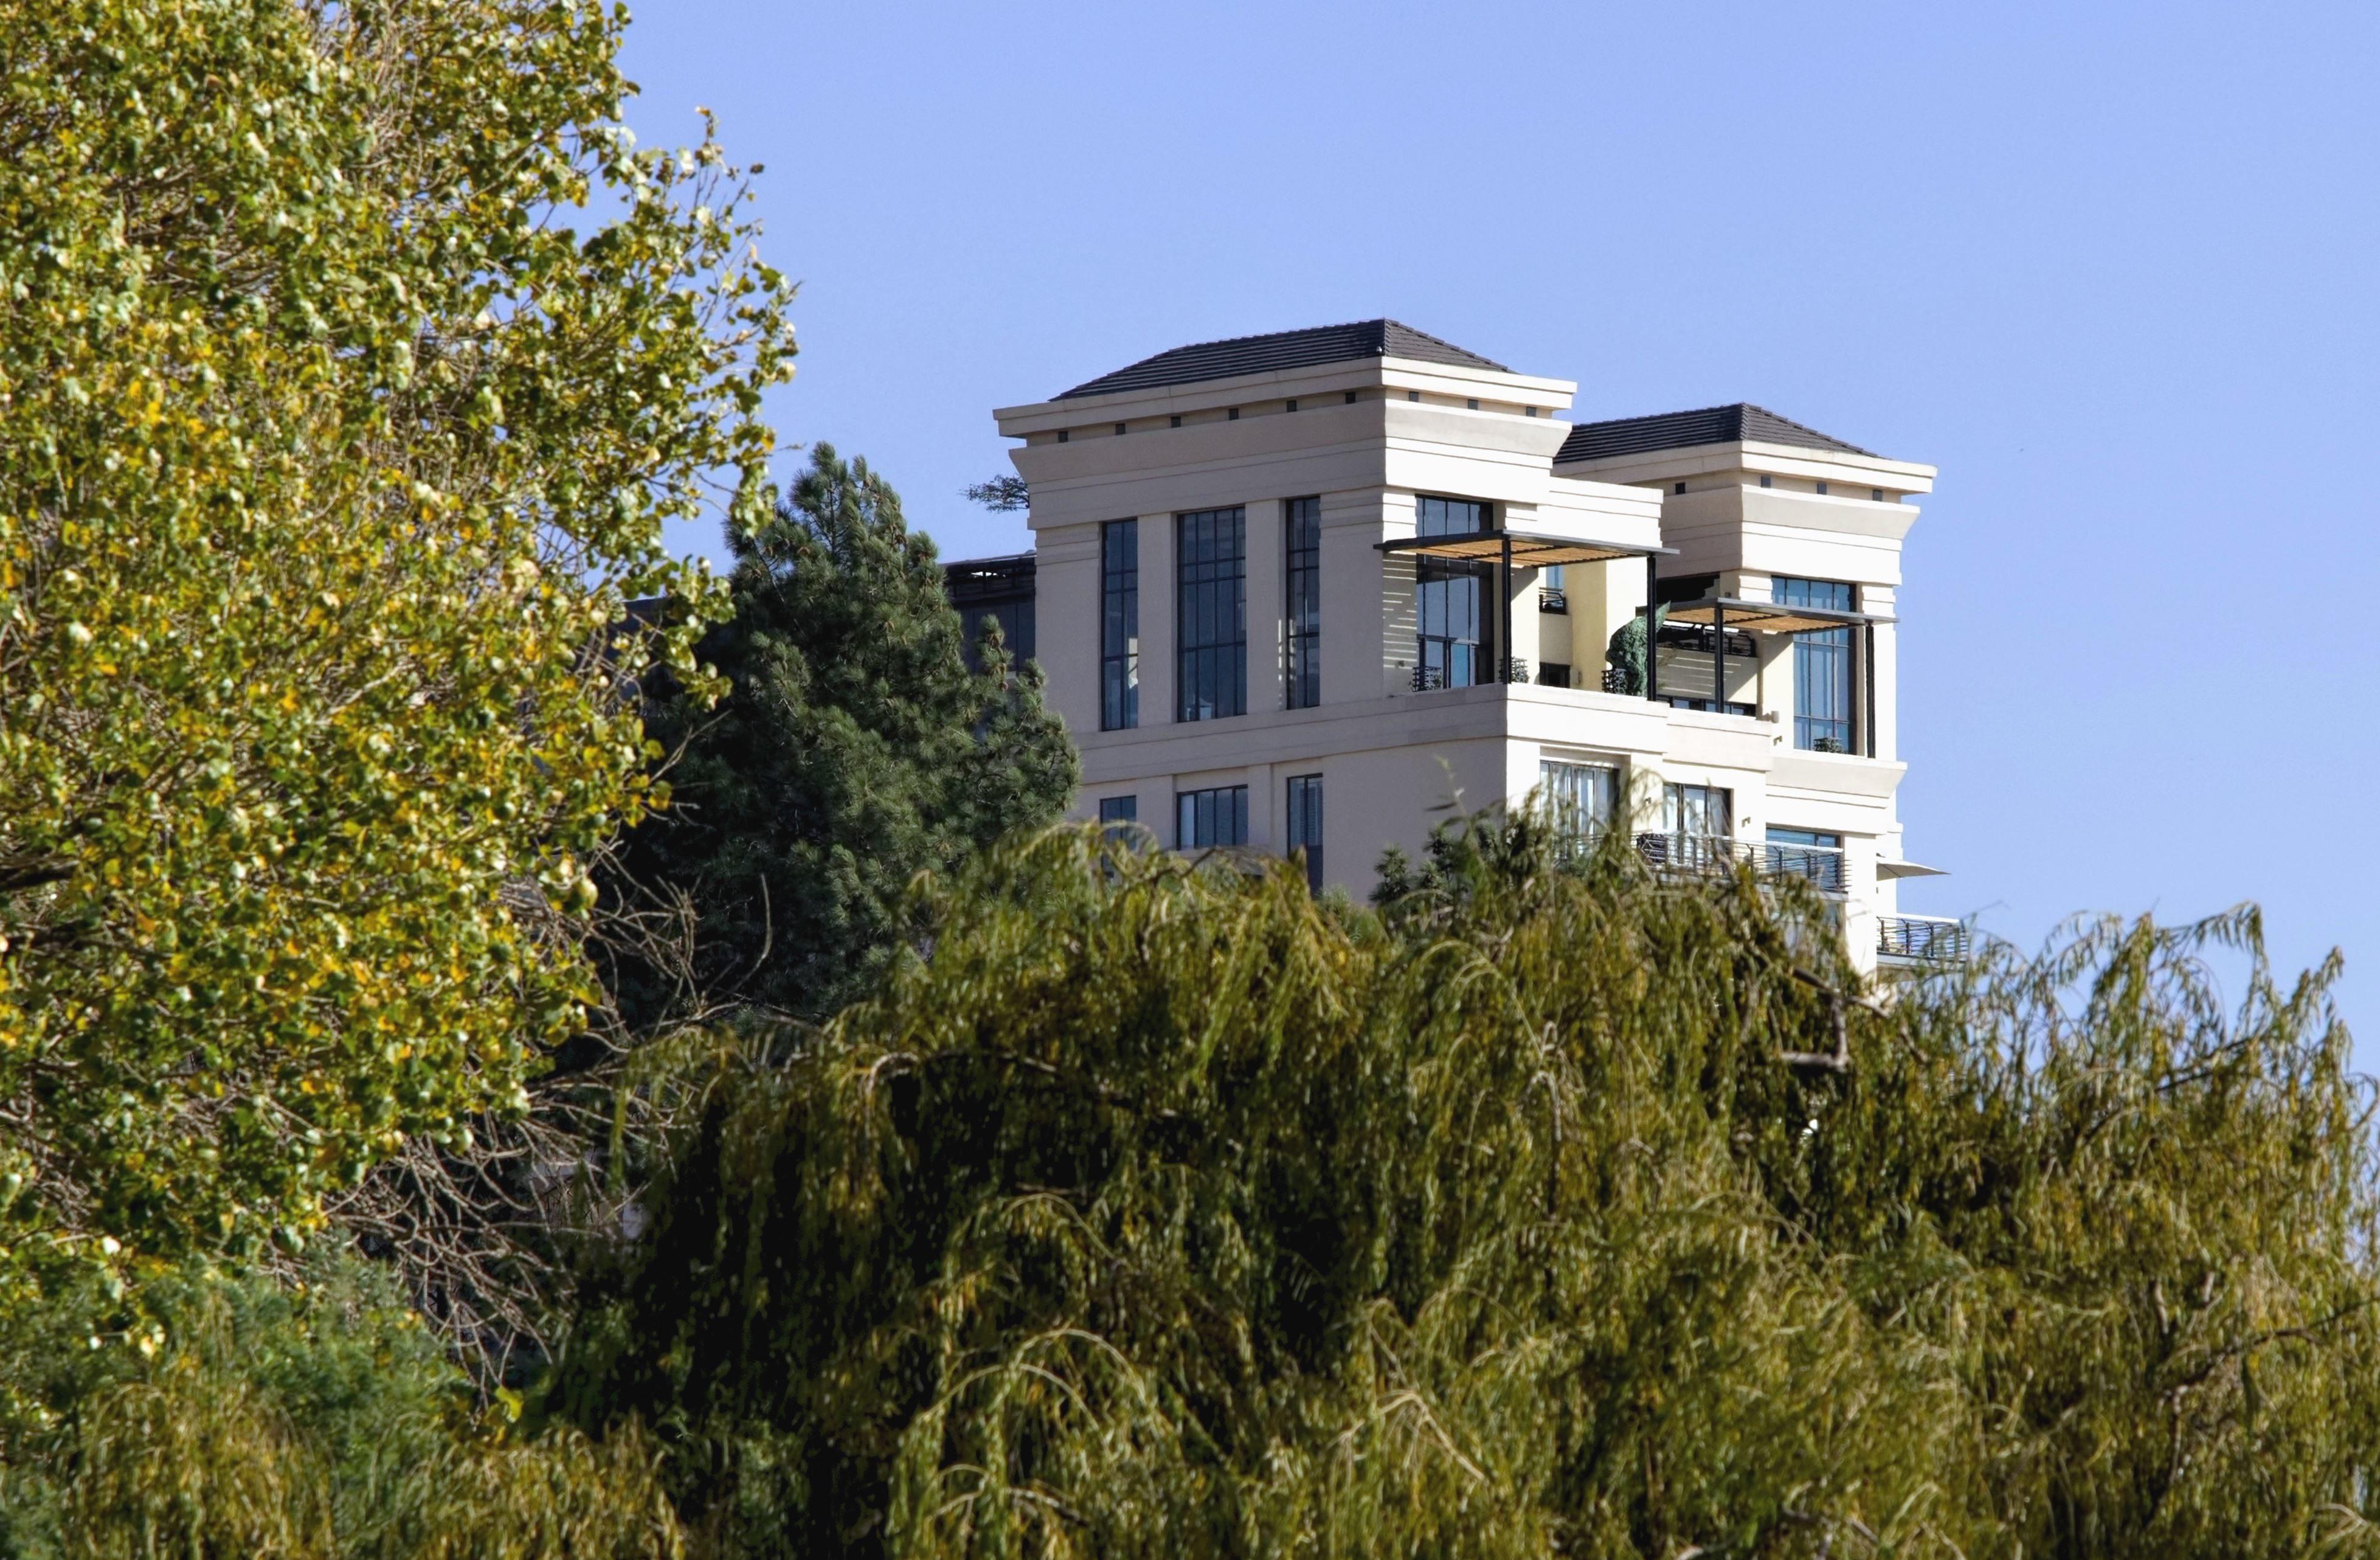 Imagen Gratis Casa Arquitectura Edificio Hierba árbol